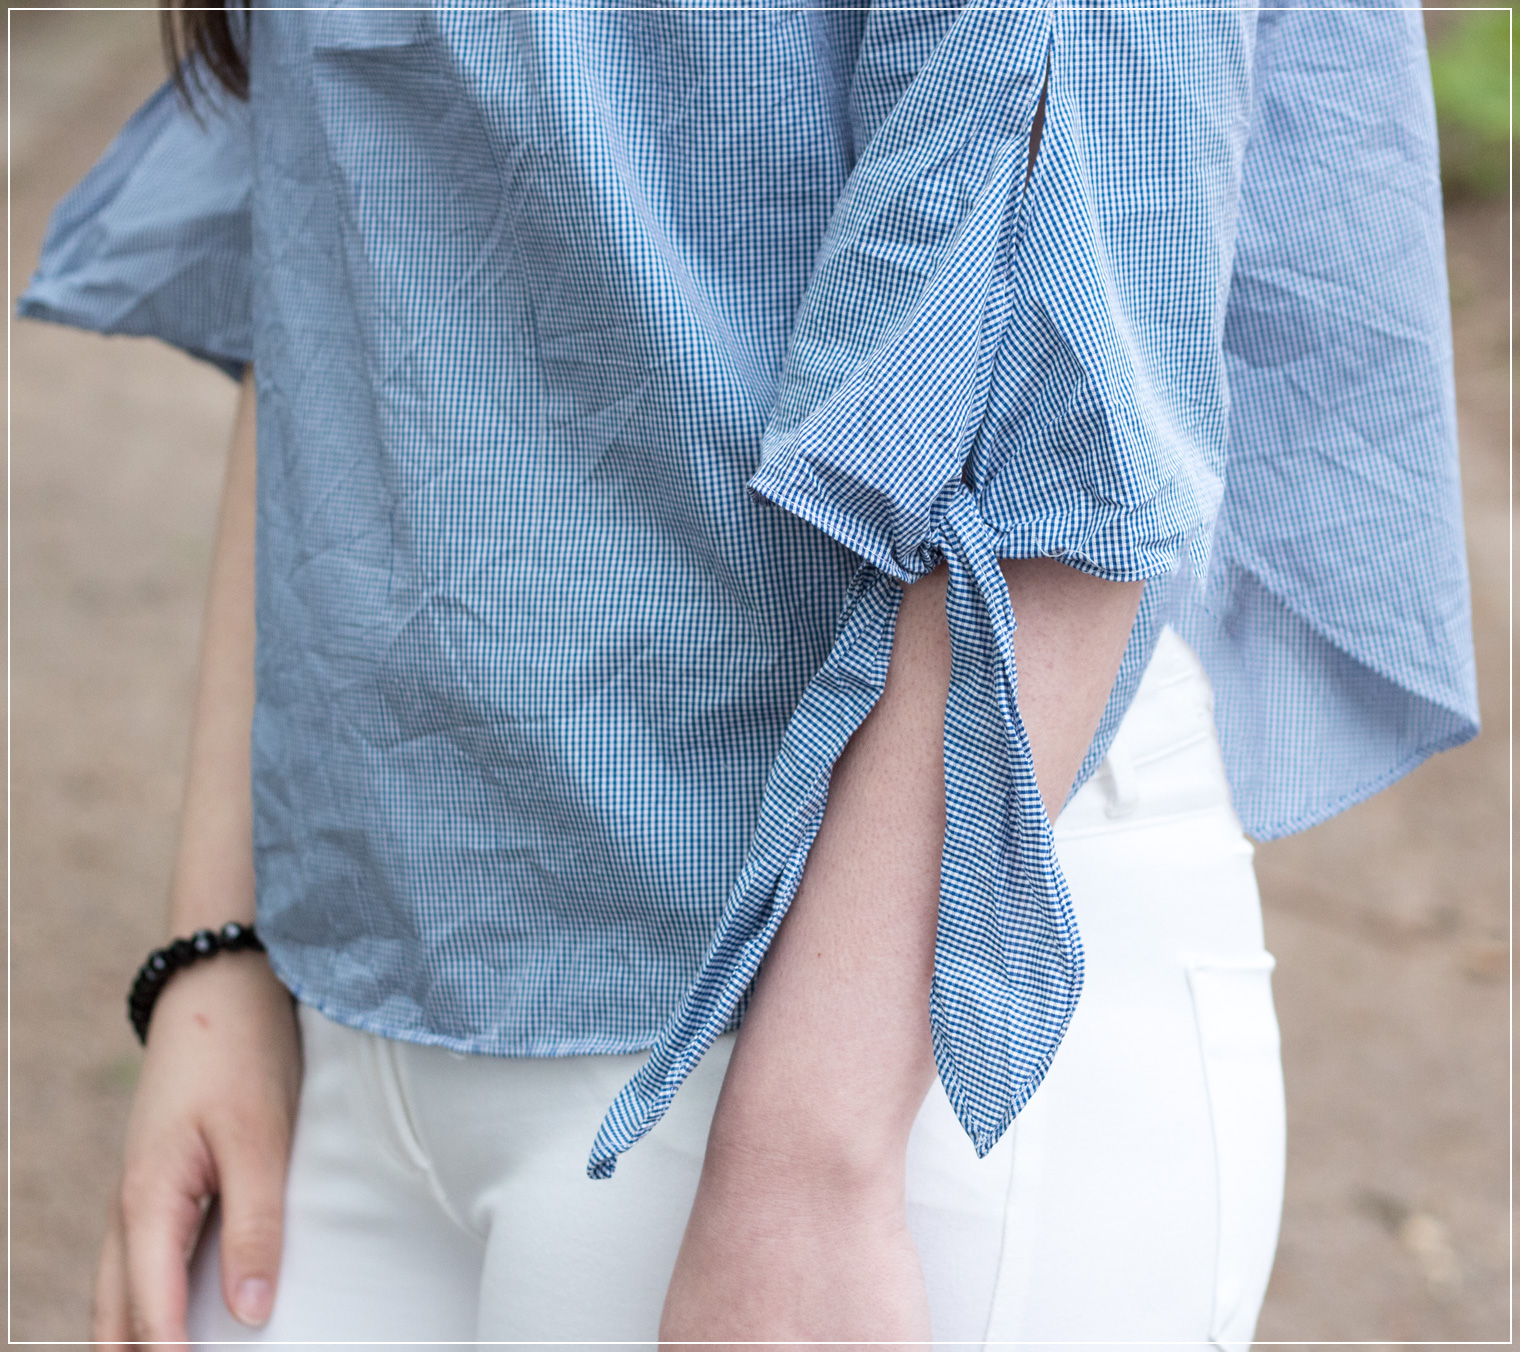 Off-Shoulder-Bluse, white Jeans, Longchamp Bag, Frühlingstrend